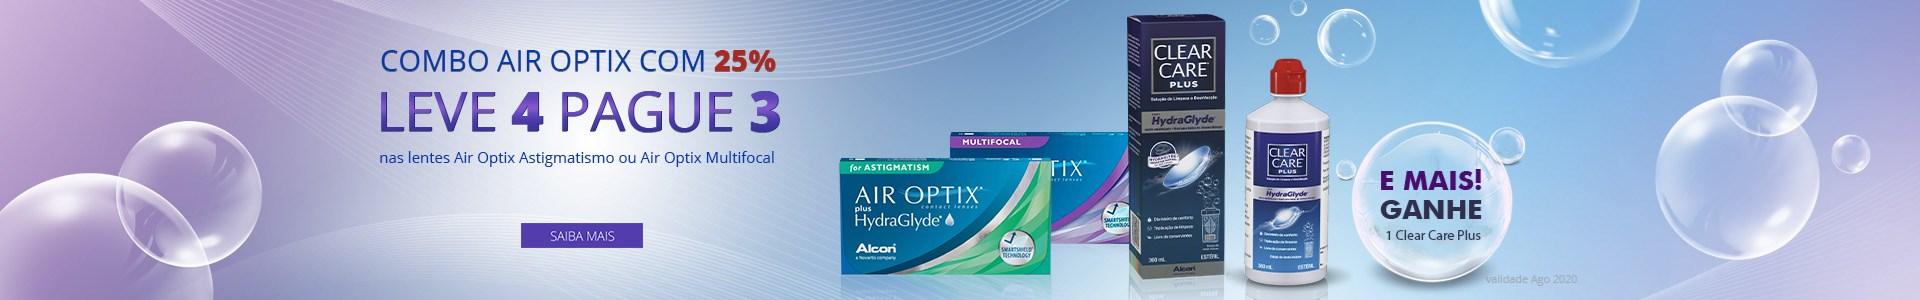 Promoção Air Optix - Leve 4 Pague 3